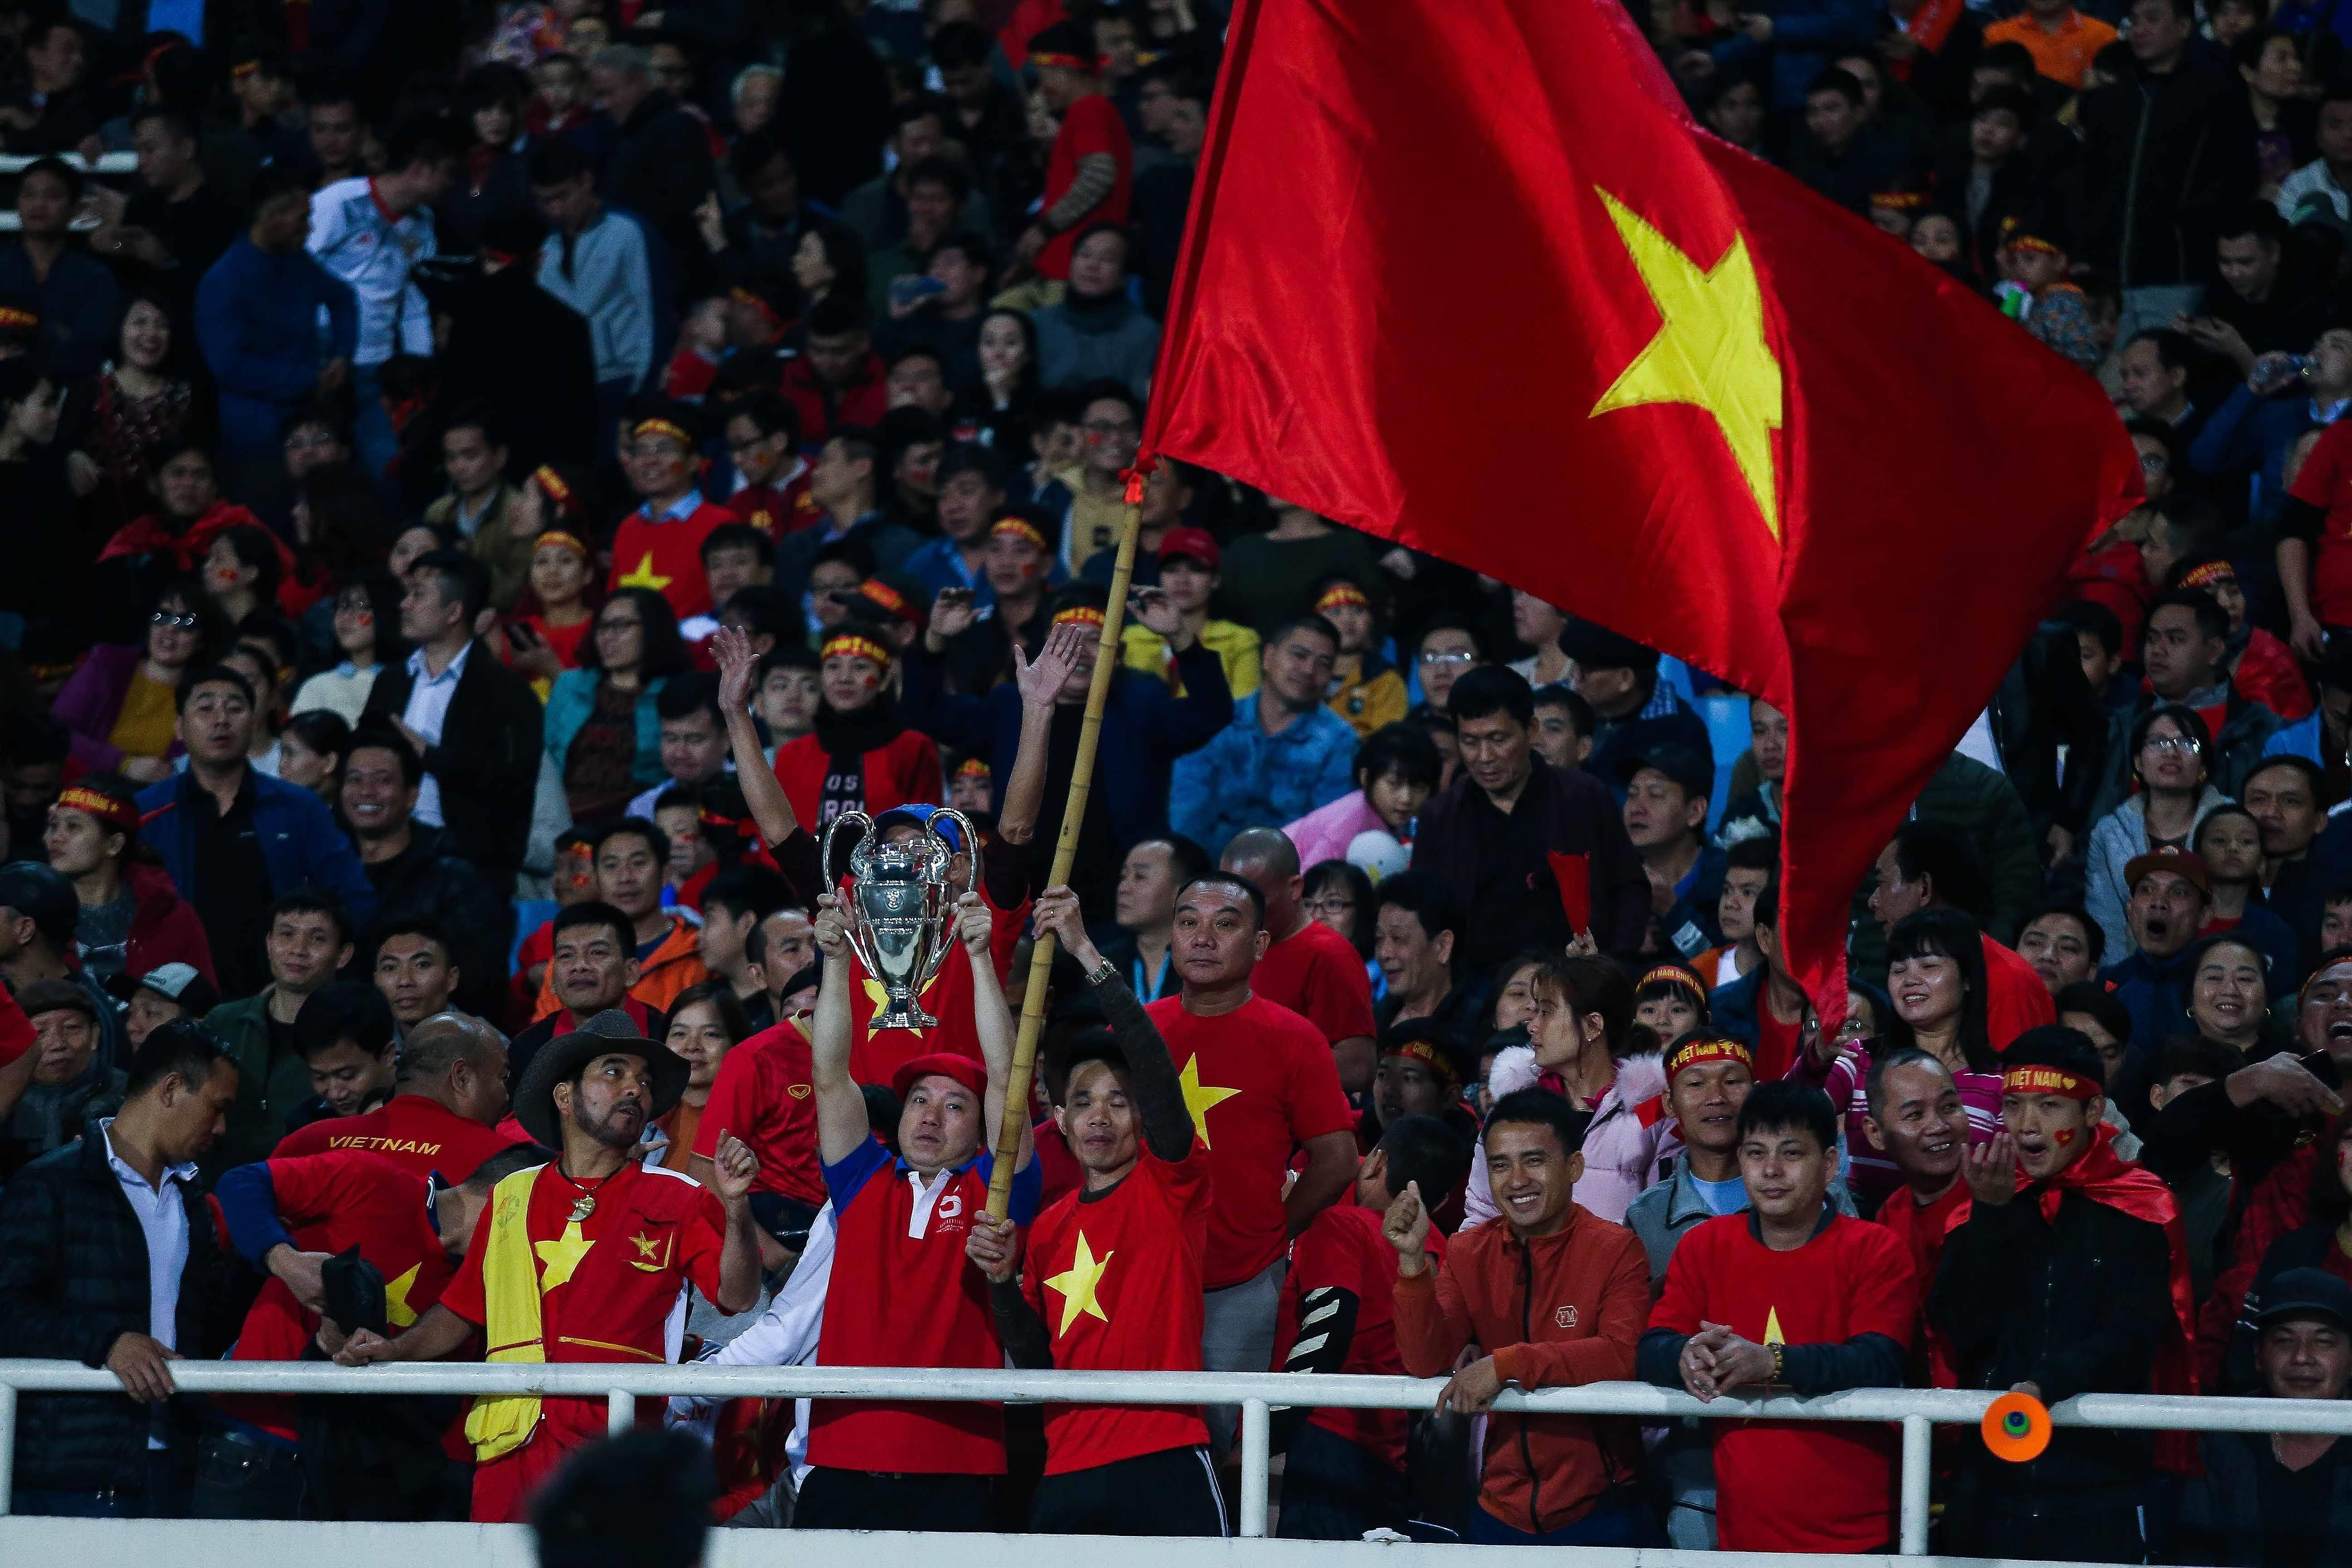 Trực tiếp bóng đá hôm nay 26/3: U23 Việt Nam vs U23 Thái Lan 20h00 trên VTC, VFF Ảnh 1